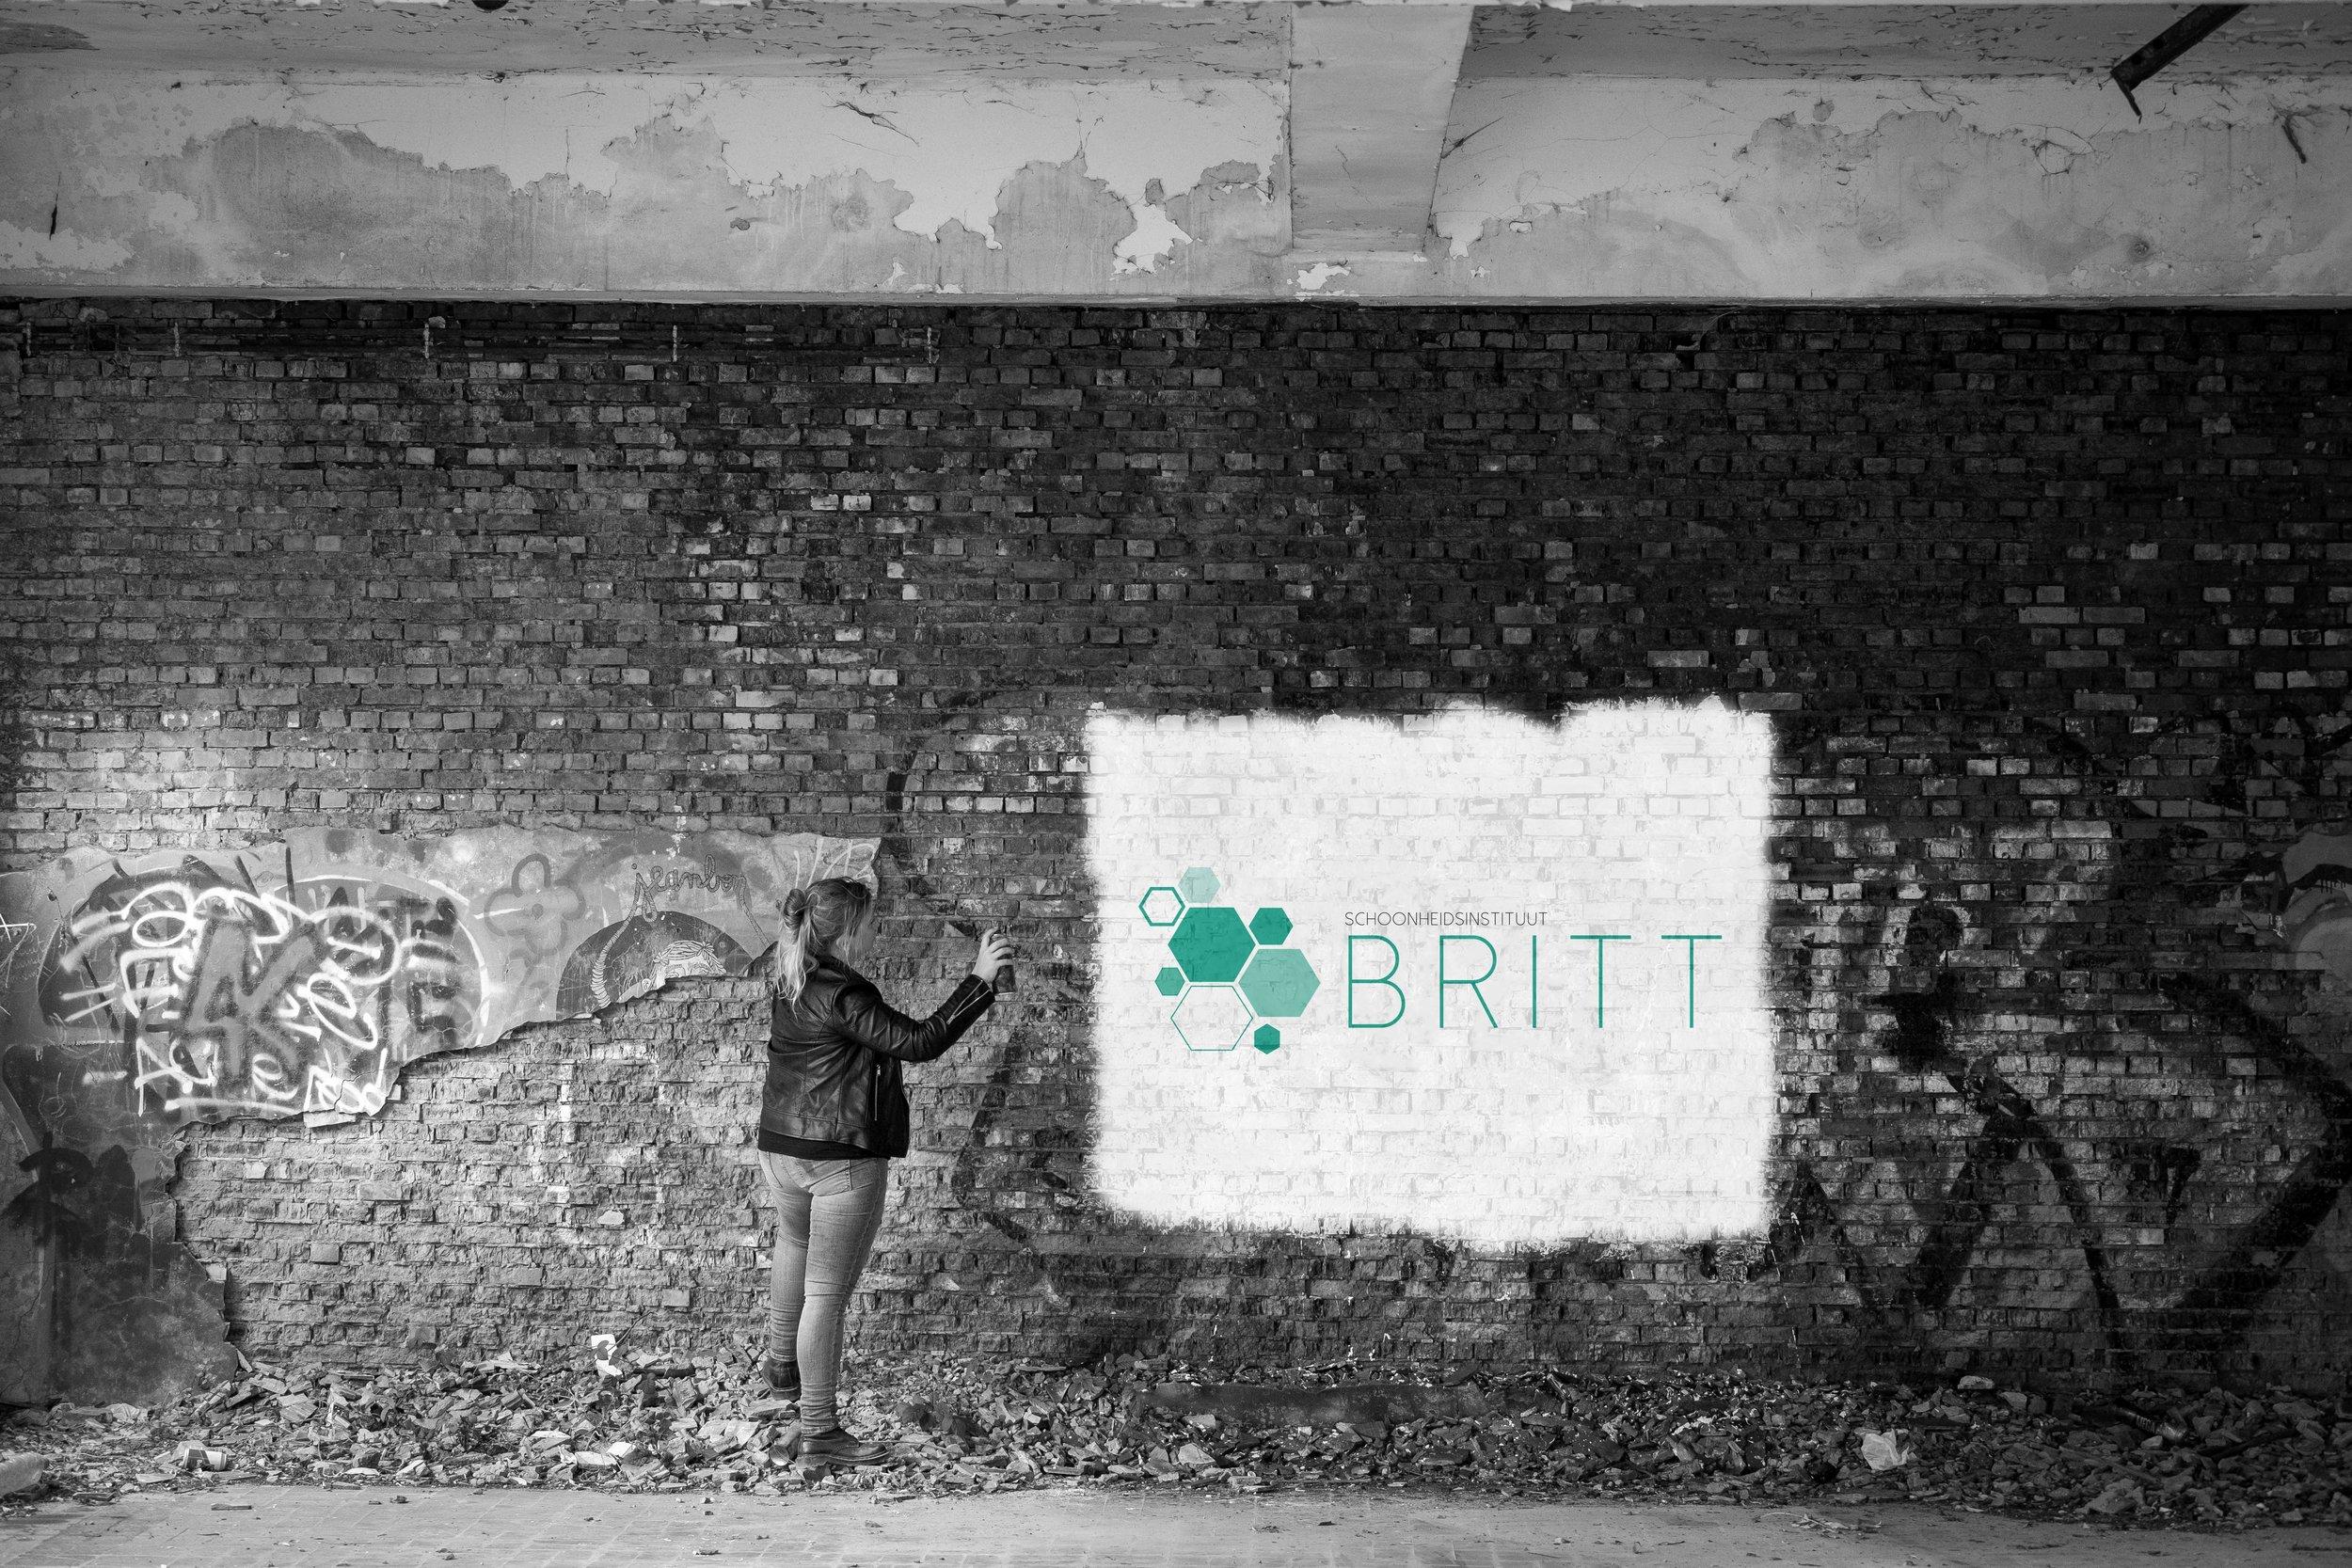 britt.jpg